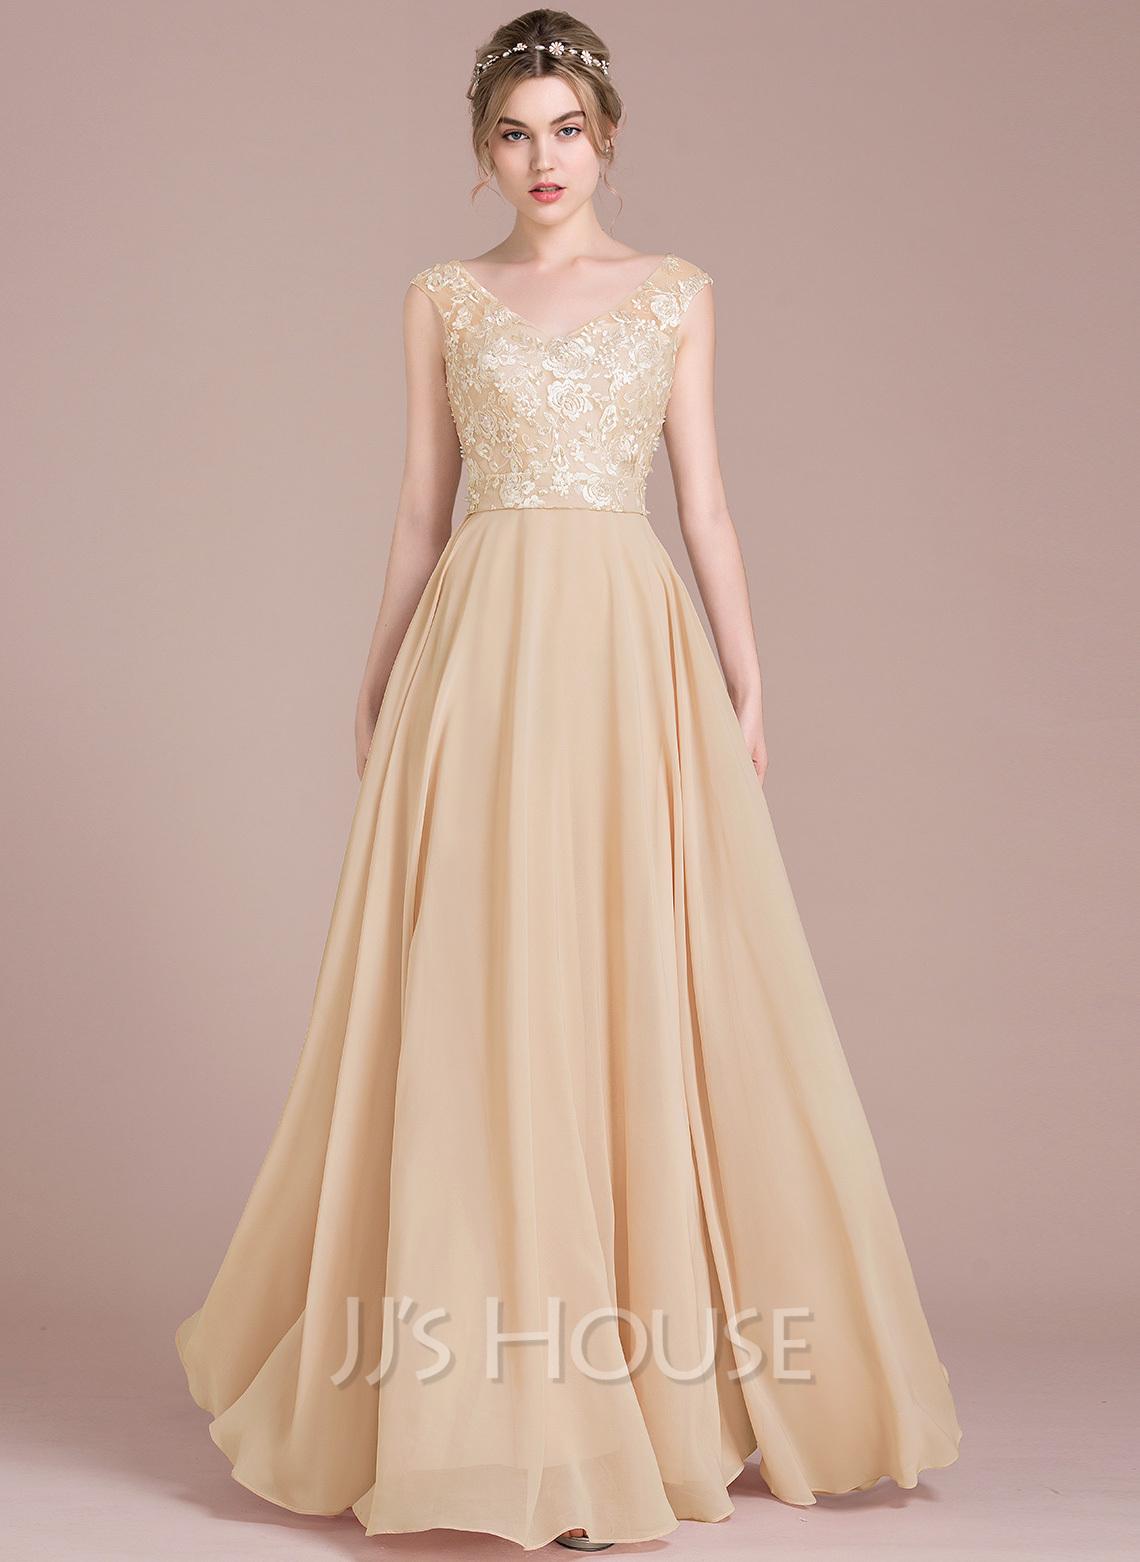 A-Line/Princess V-neck Floor-Length Chiffon Lace Prom Dresses